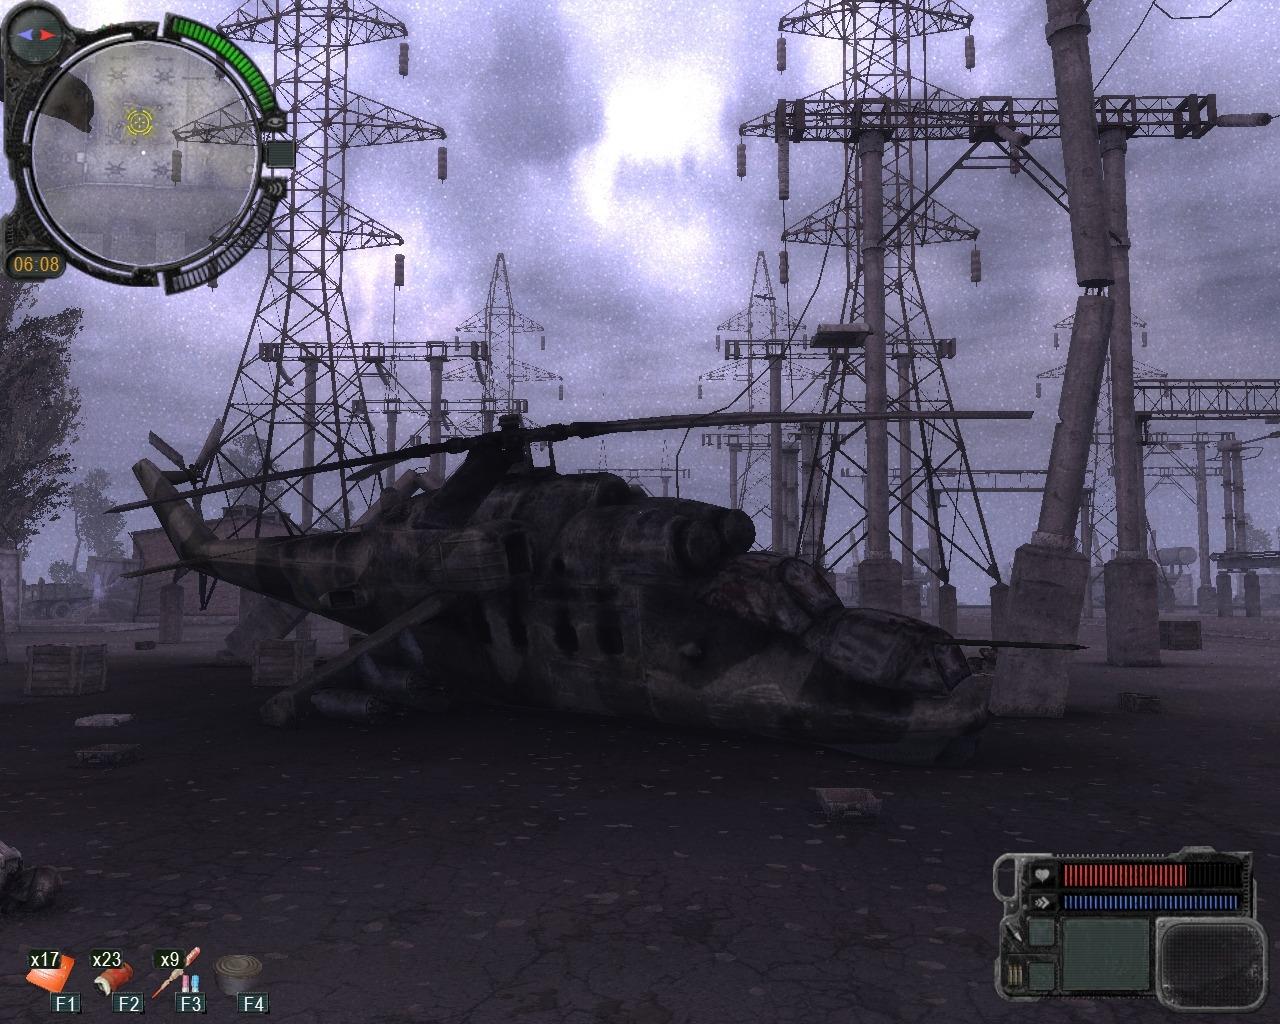 jeuxvideo.com S.T.A.L.K.E.R. : Call of Pripyat - PC Image 49 sur 276